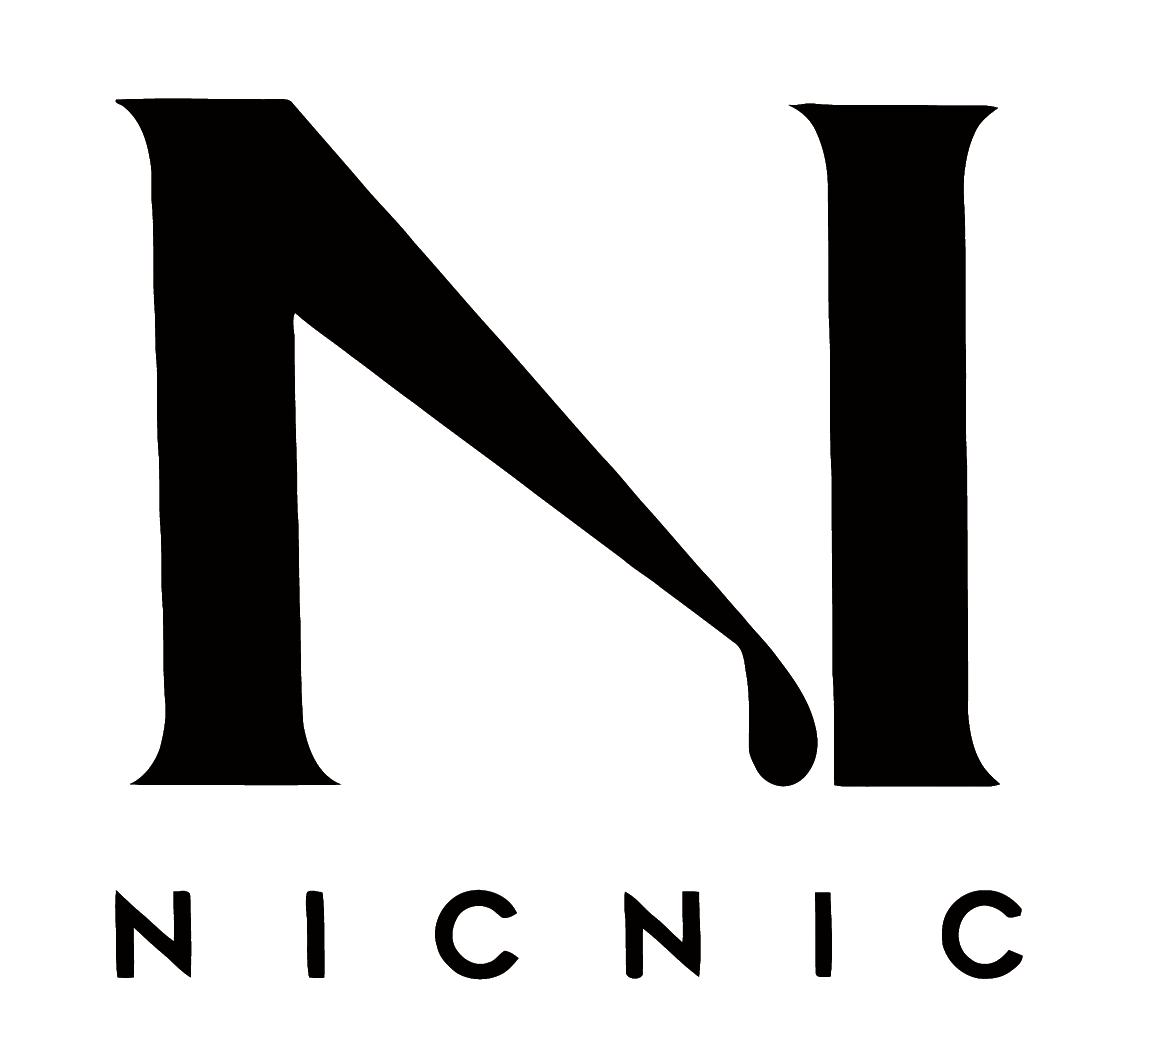 NicNic